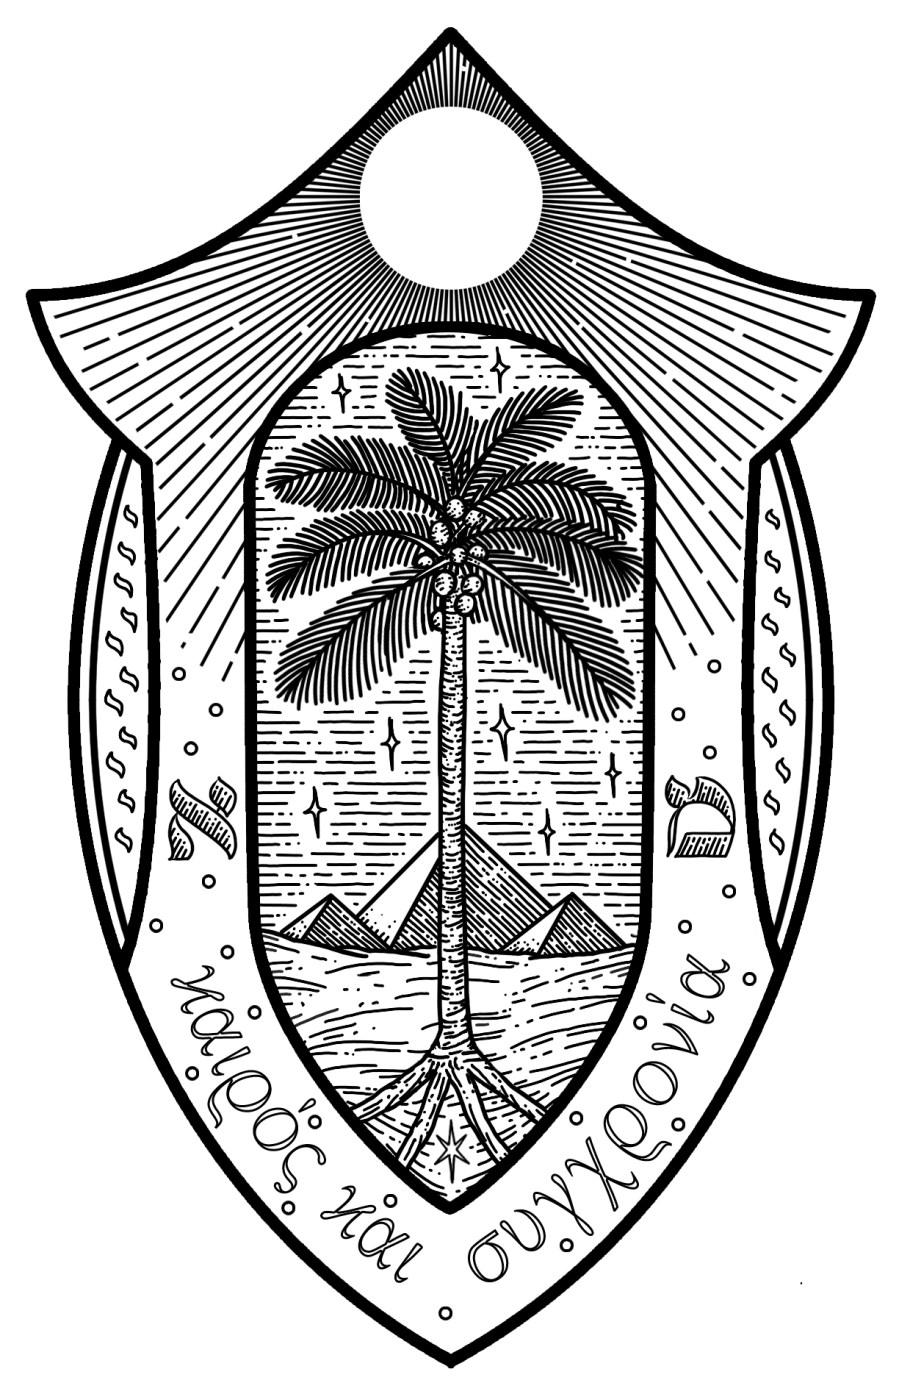 April 28th 11am Arboretum Mysticum Occult Lodge